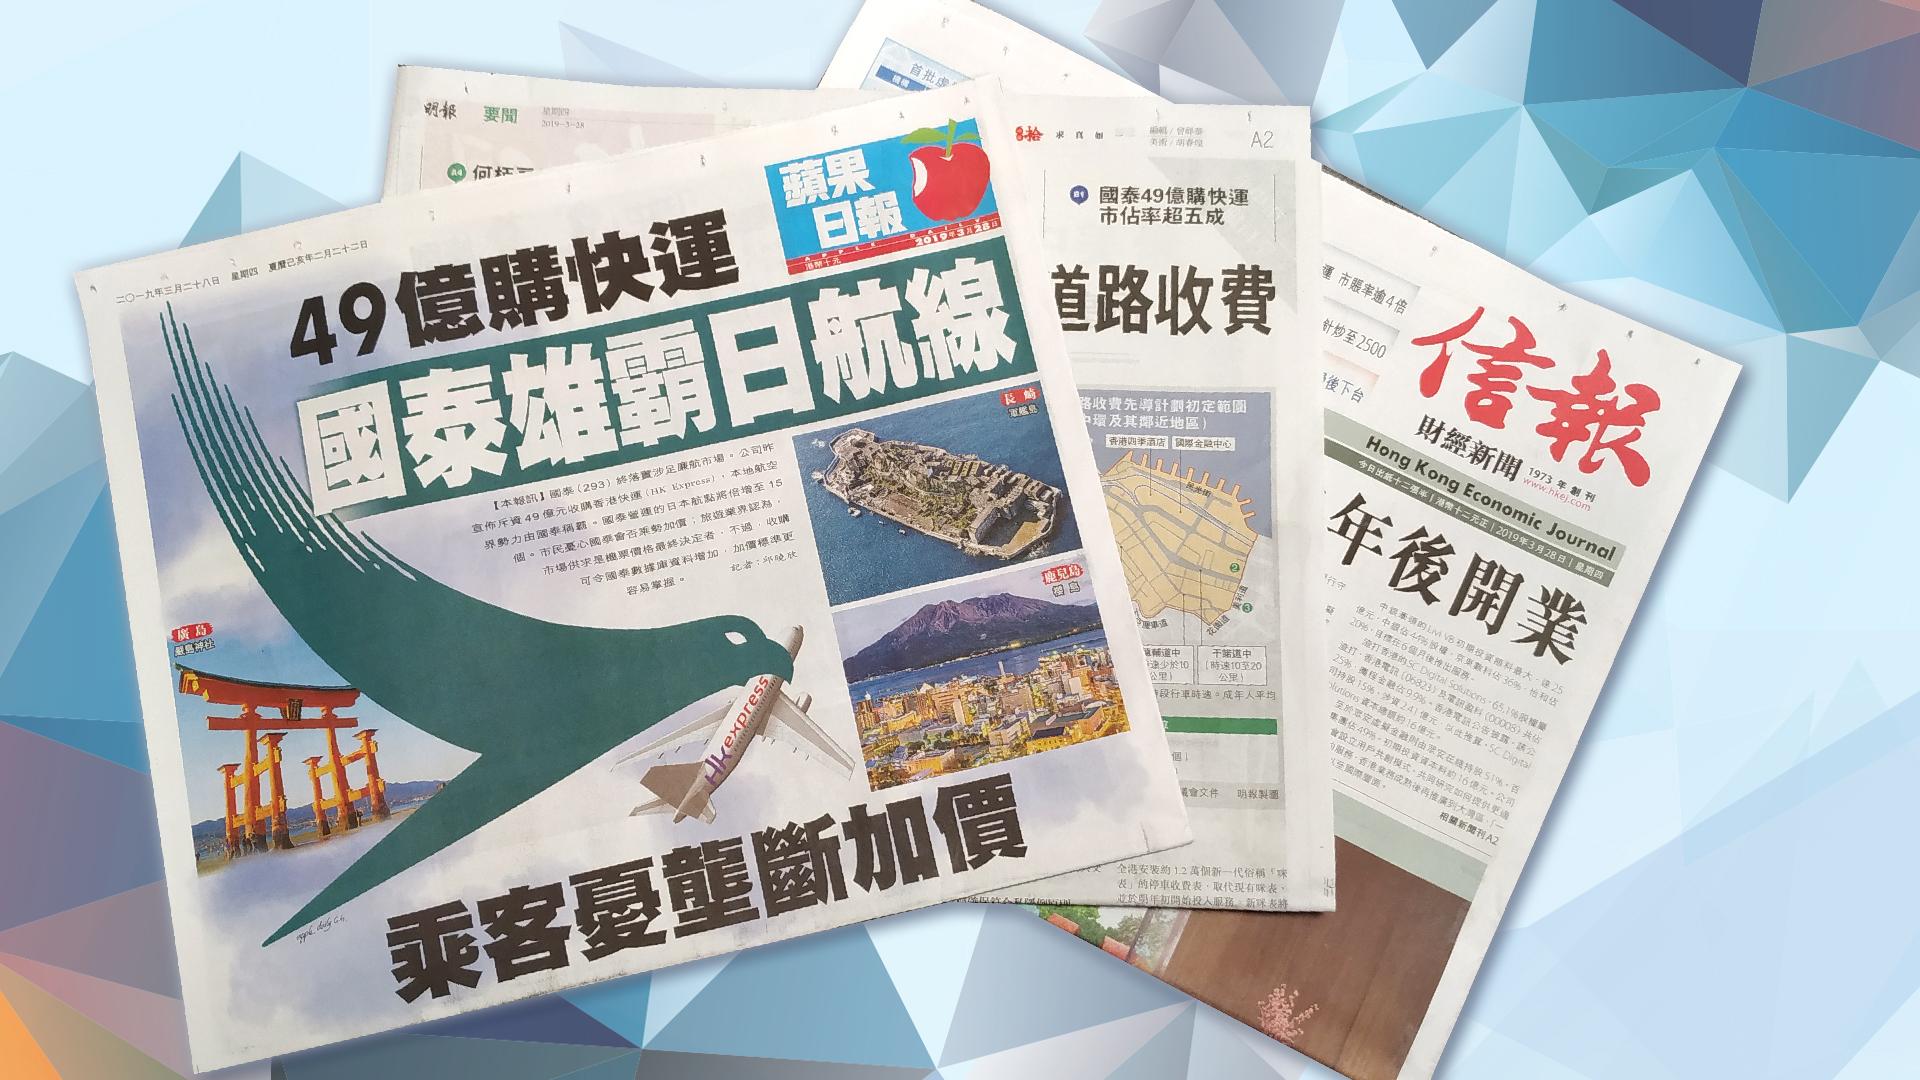 【報章A1速覽】49億購快運 國泰雄霸日航線;林士街美利道範圍試行道路收費